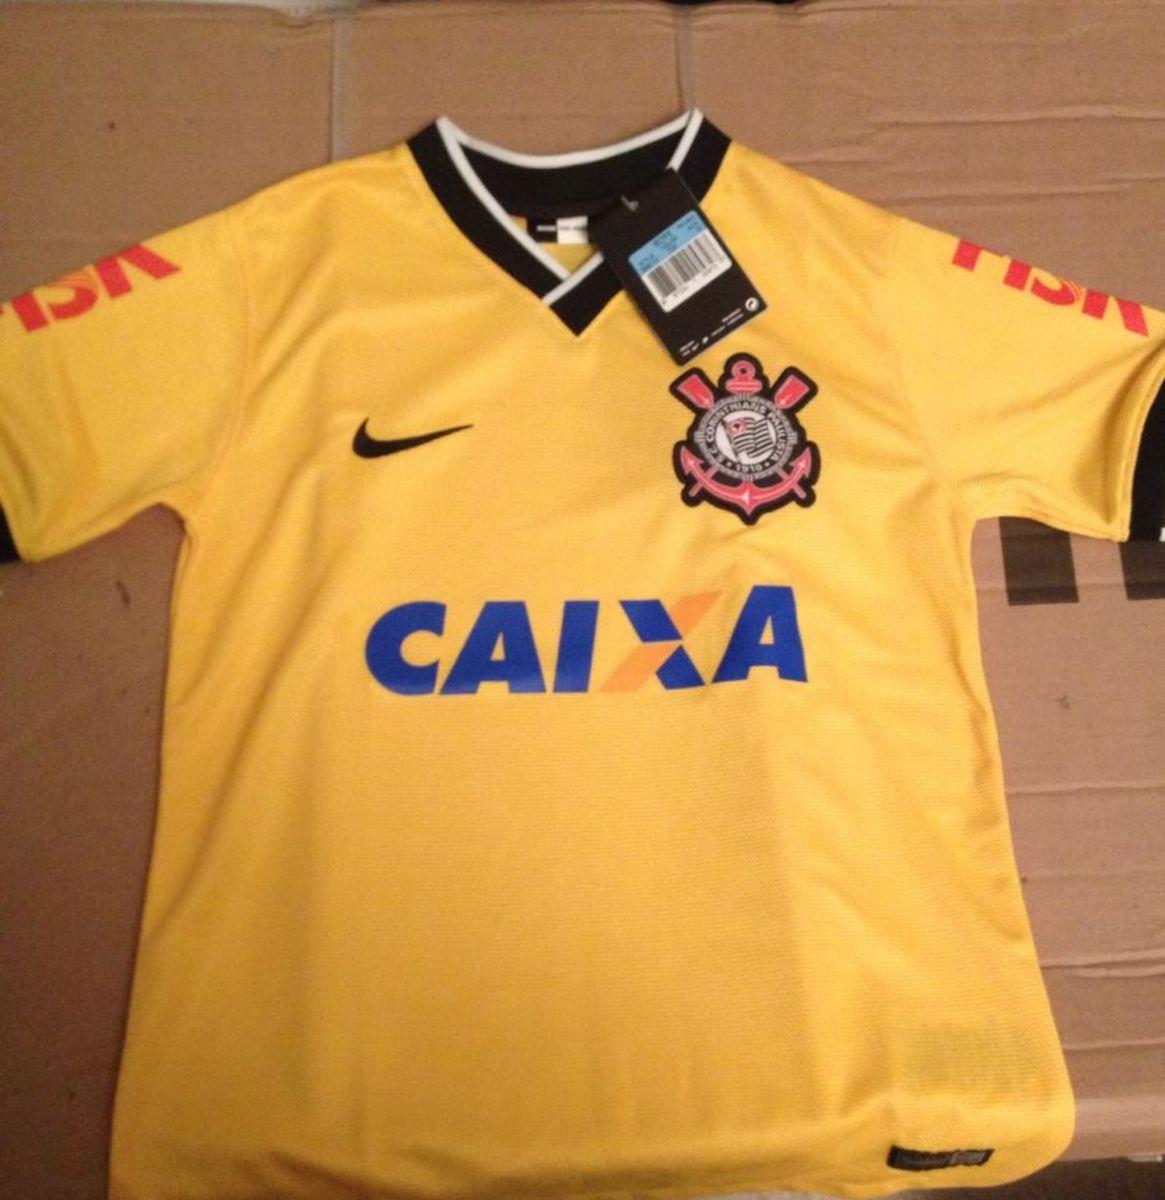 camisa corinthians iii amarela - menino nike.  Czm6ly9wag90b3muzw5qb2vplmnvbs5ici9wcm9kdwn0cy82njc1mzivmjdjntjiownhmzfimgexntqwntcwyzexztu5zdg1mguuanbn 01436807c7a67